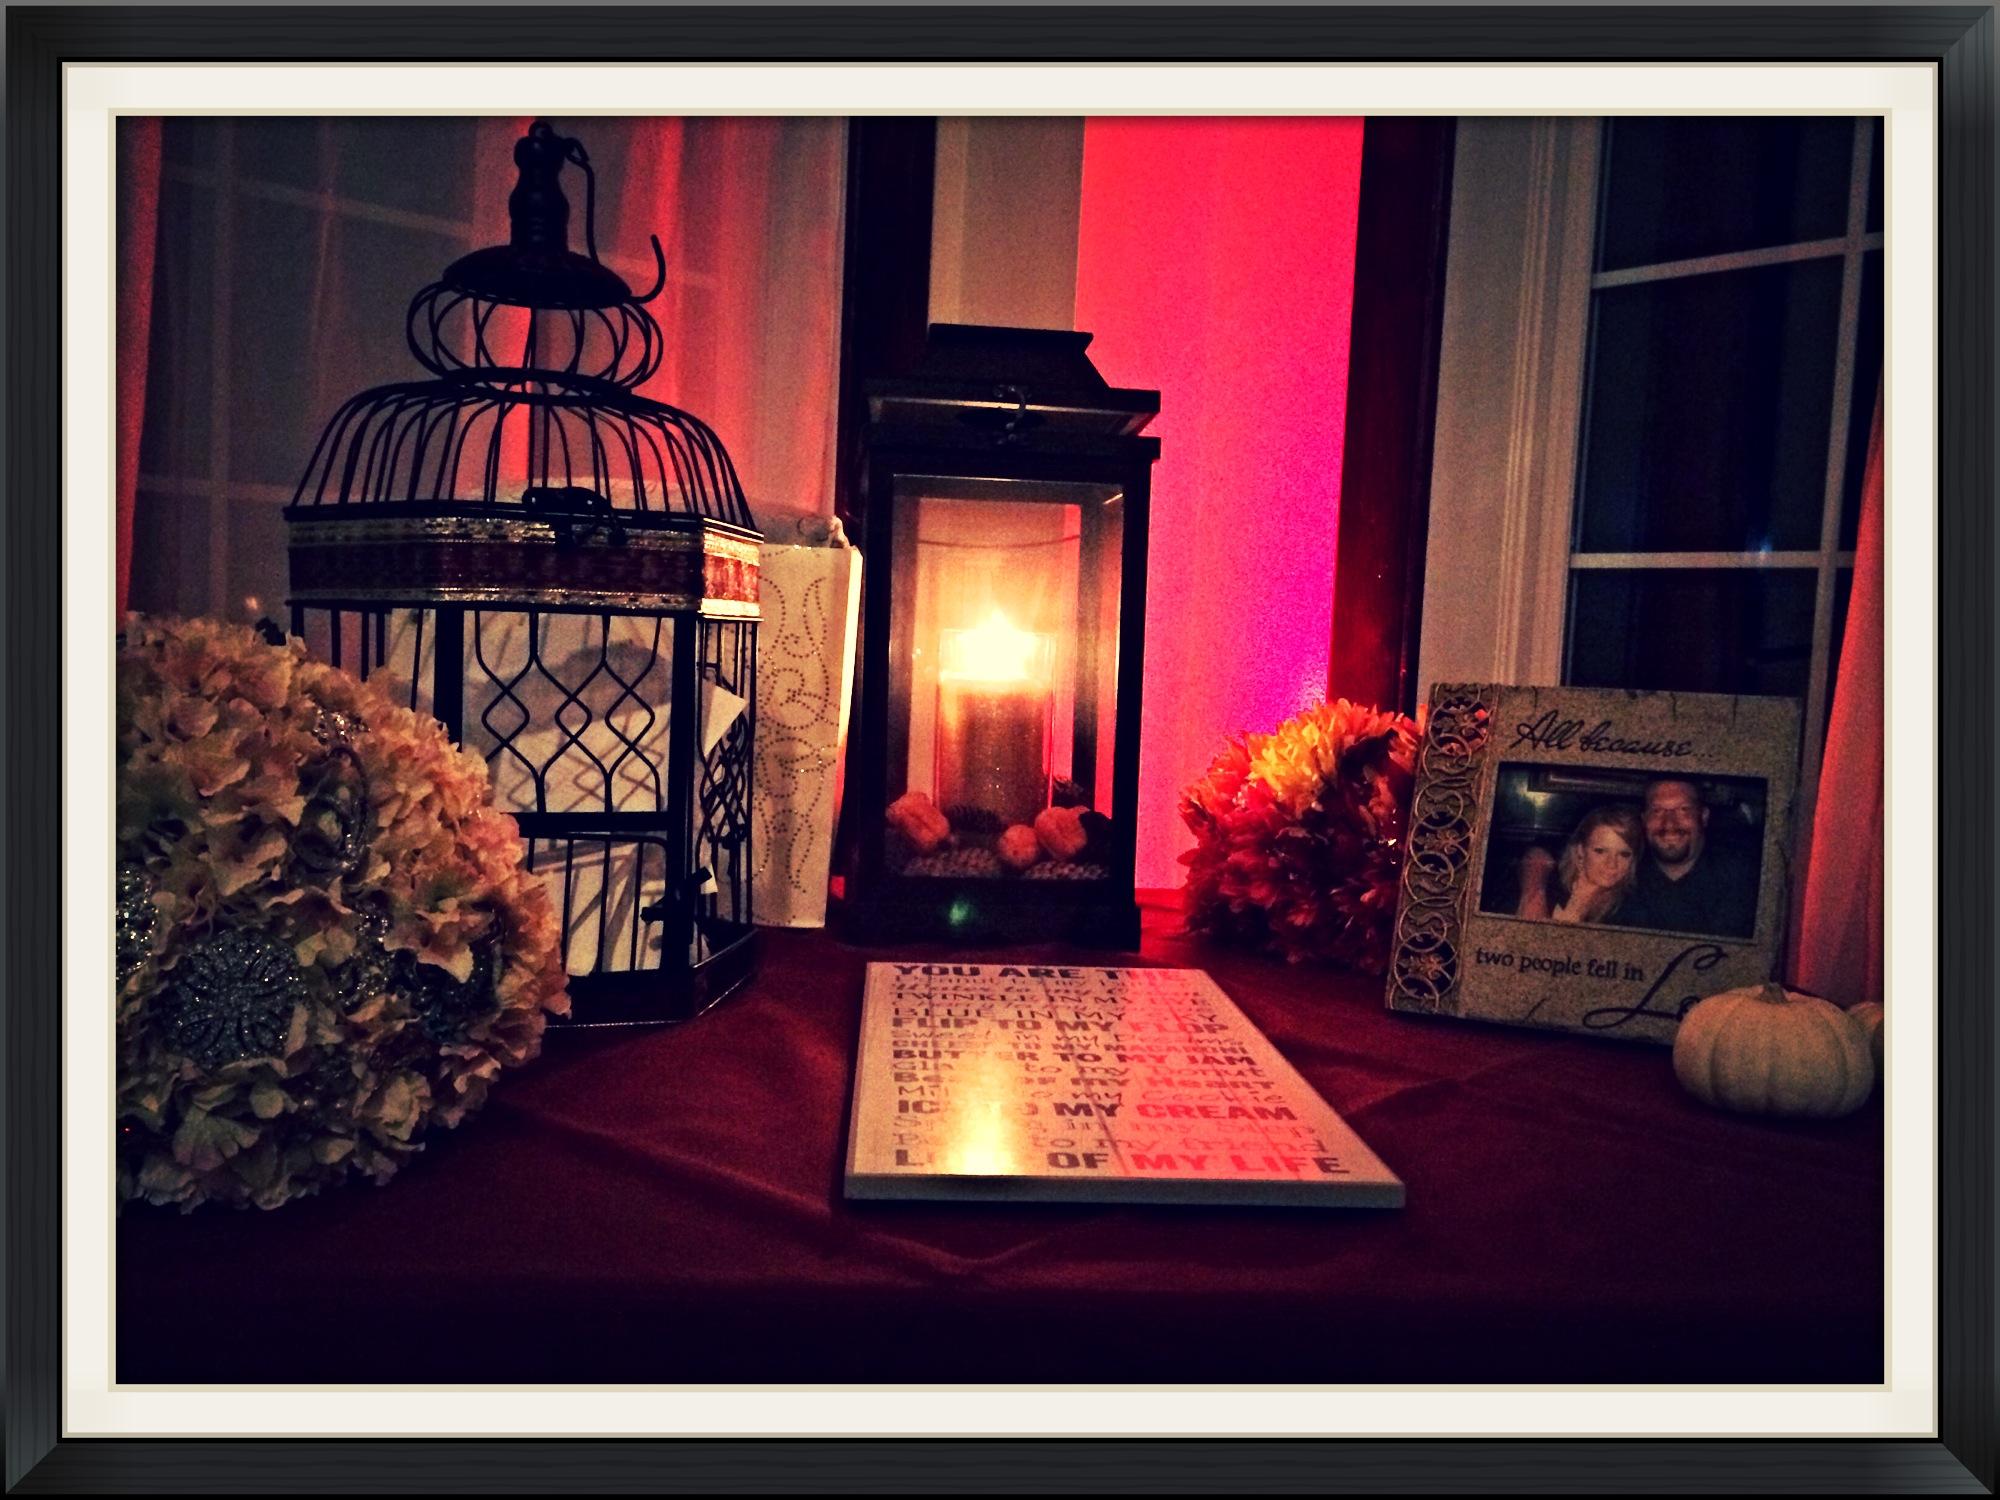 pink uplight behing card table